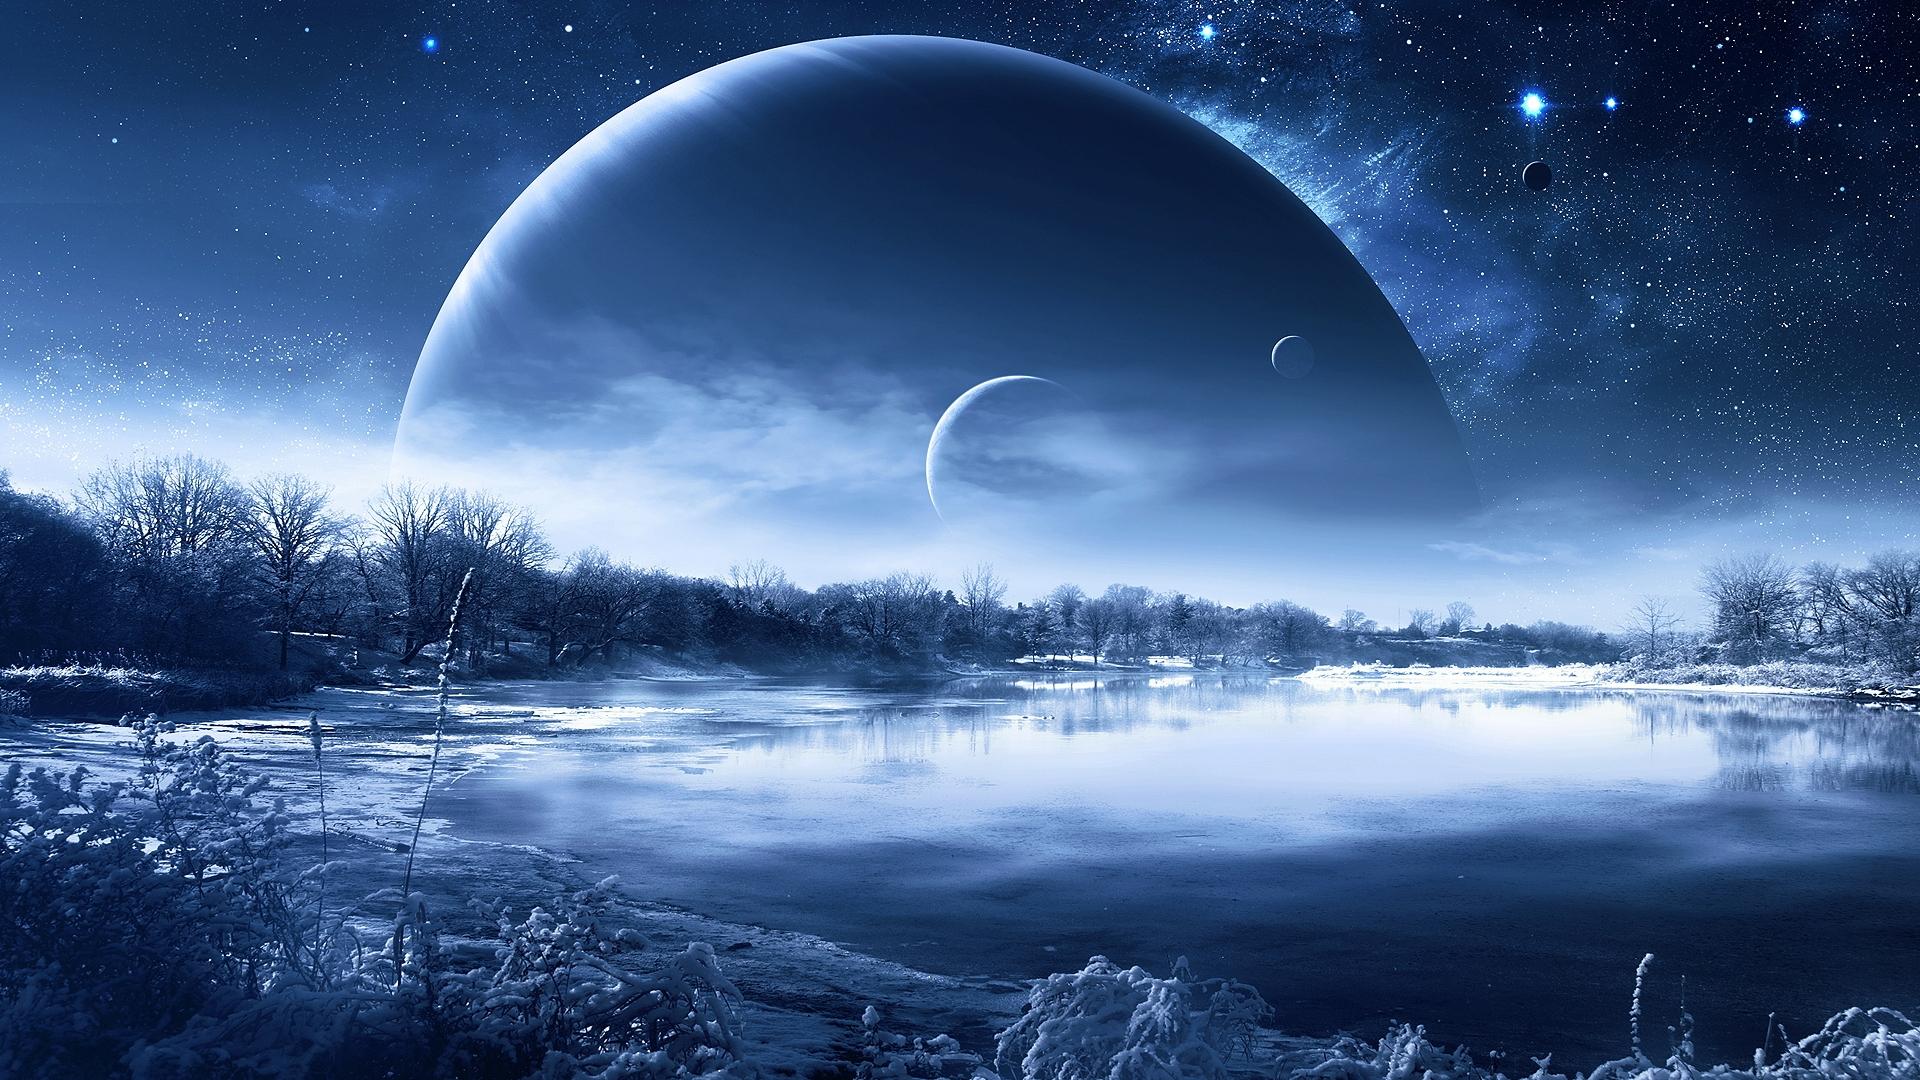 http://images.vfl.ru/ii/1407497943/da0d8953/5935307.jpg